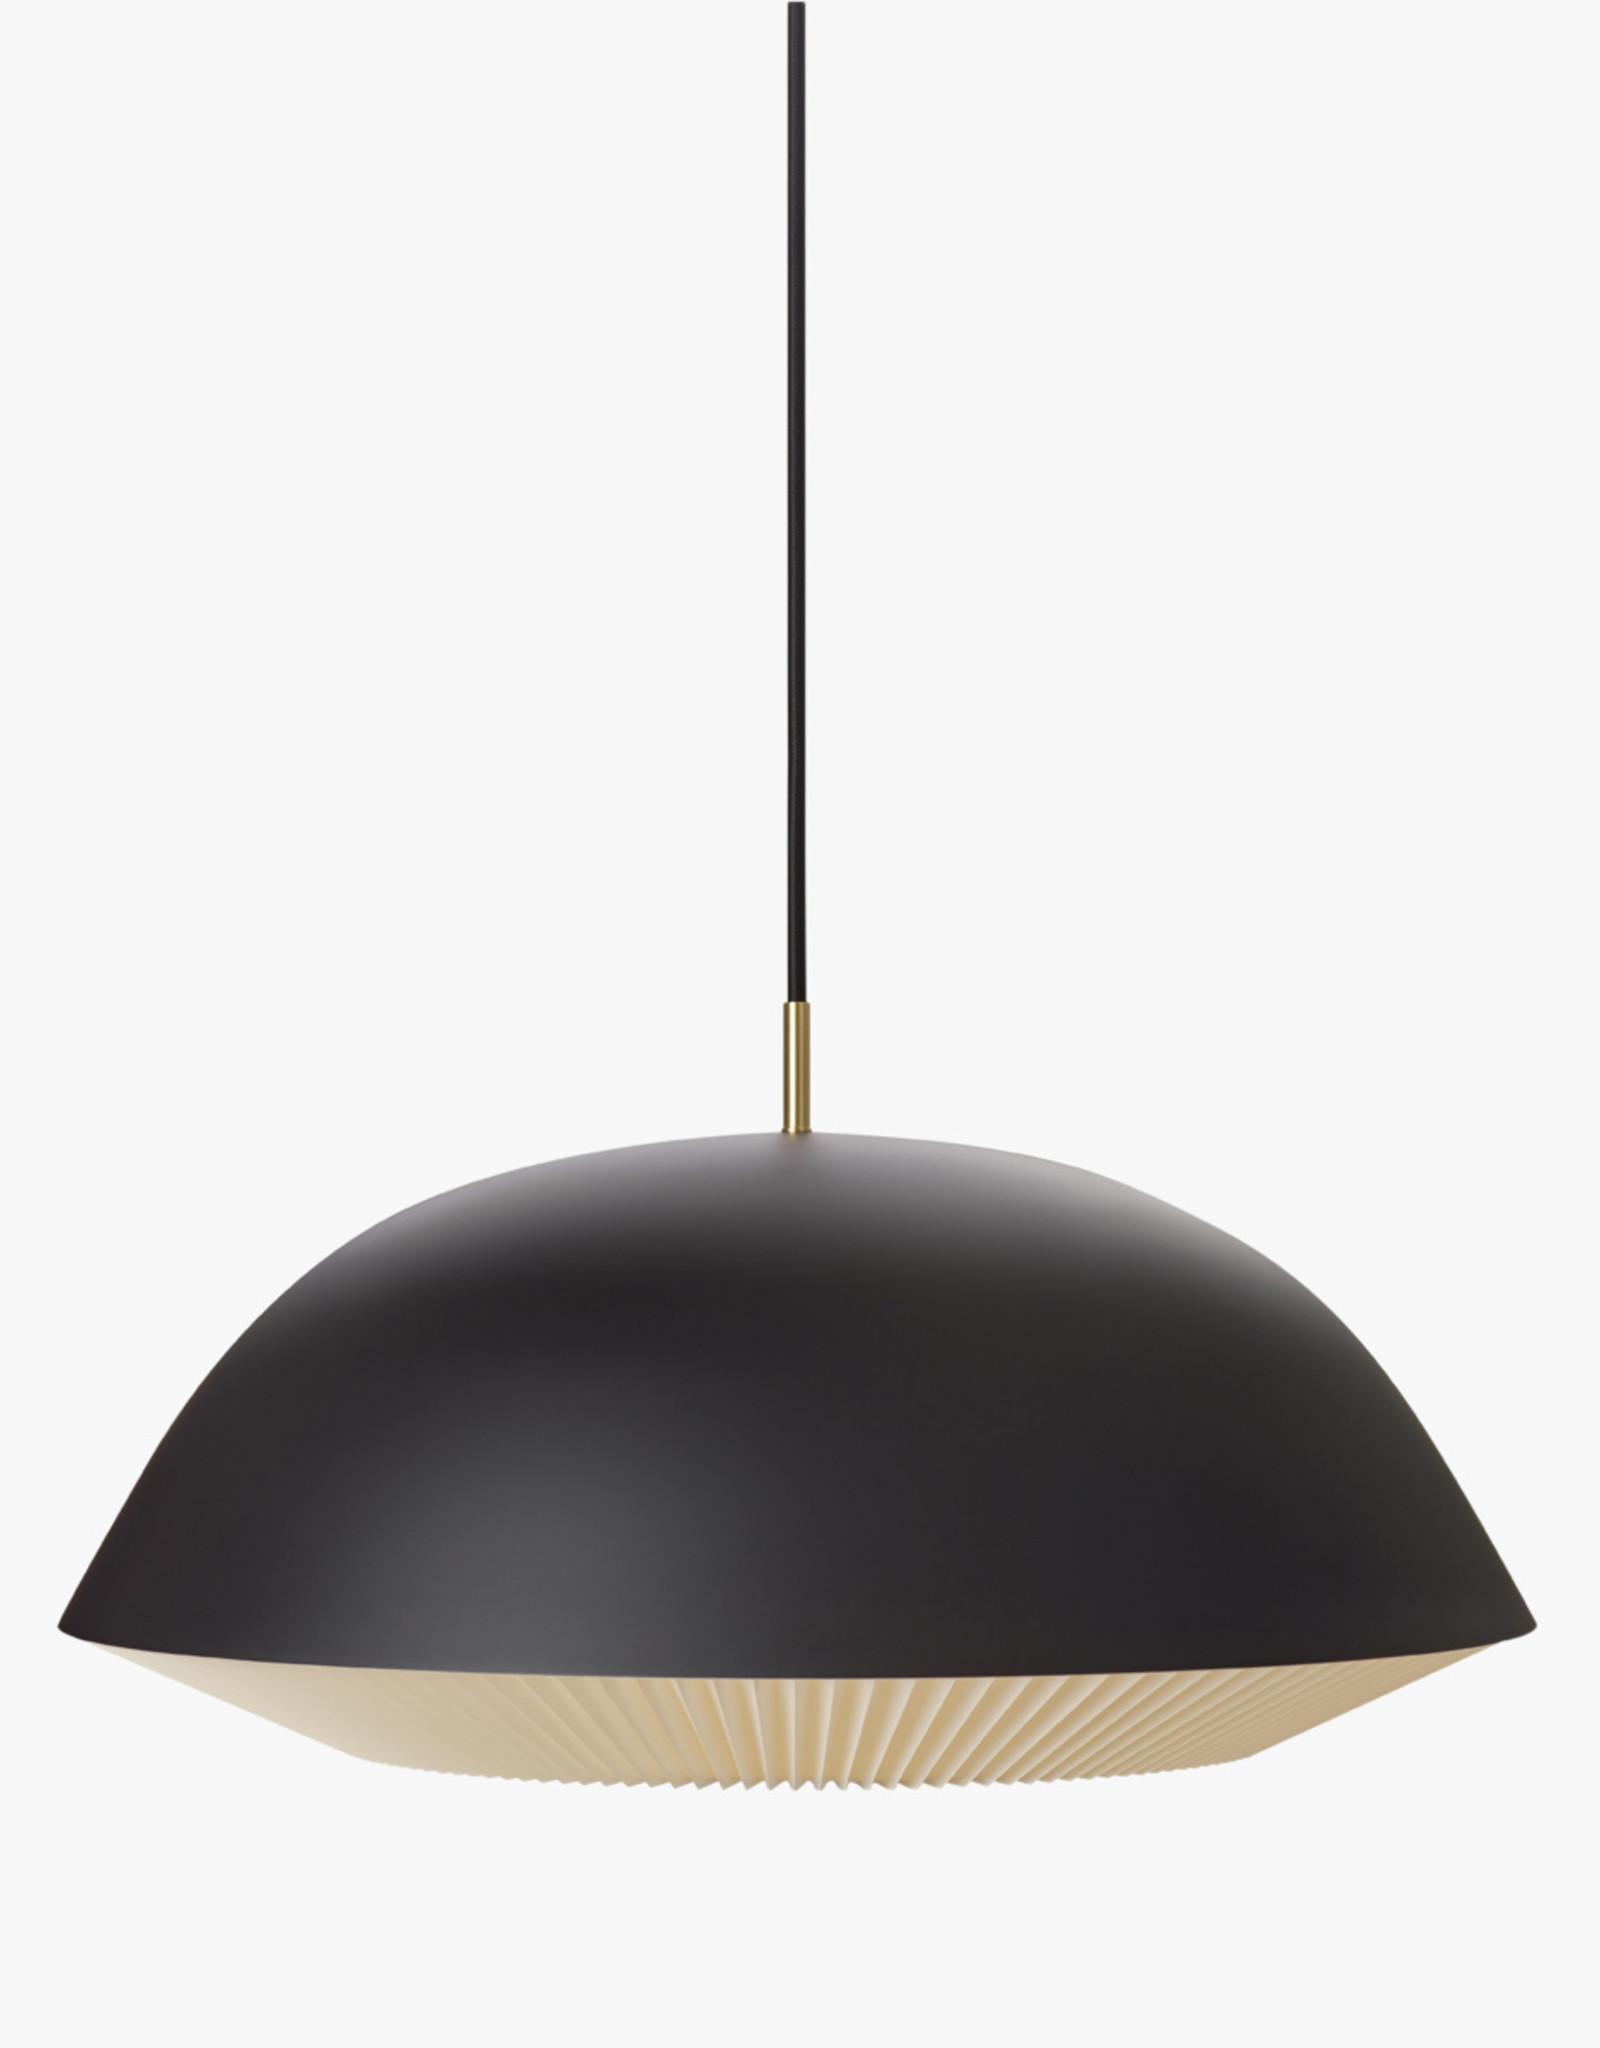 Caché pendant light by Aurelién Barbry | Black | XL